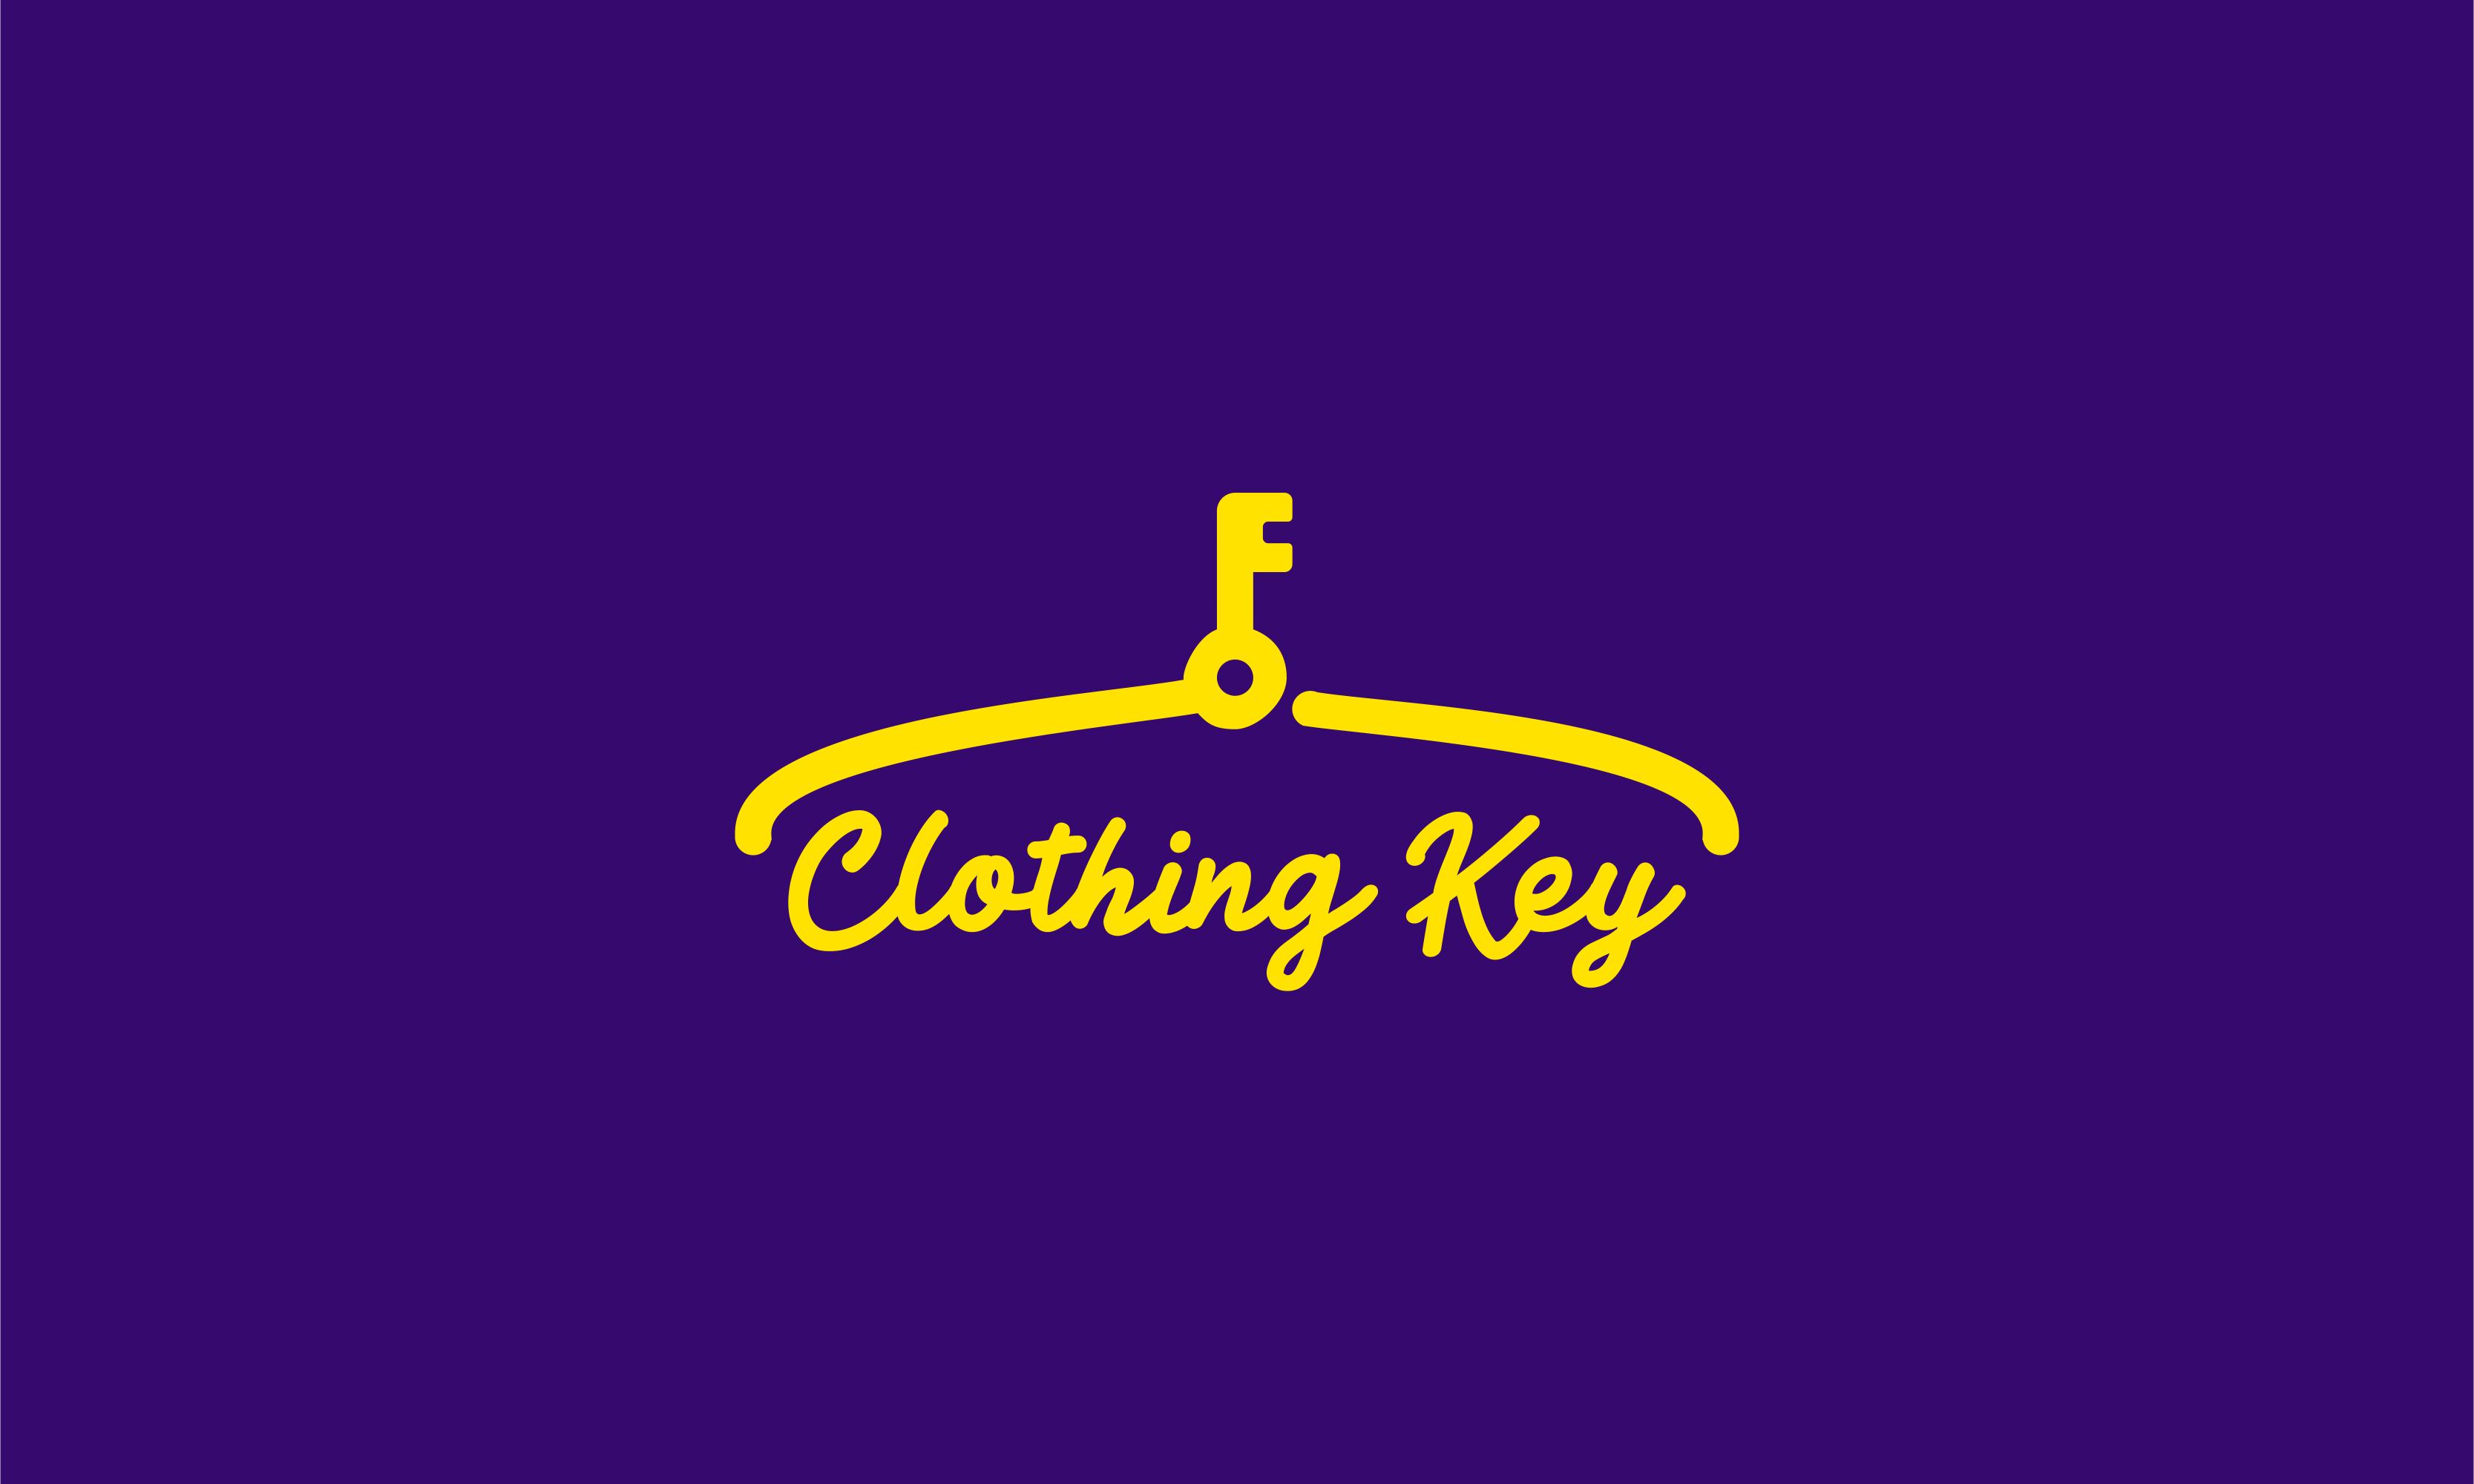 Clothingkey